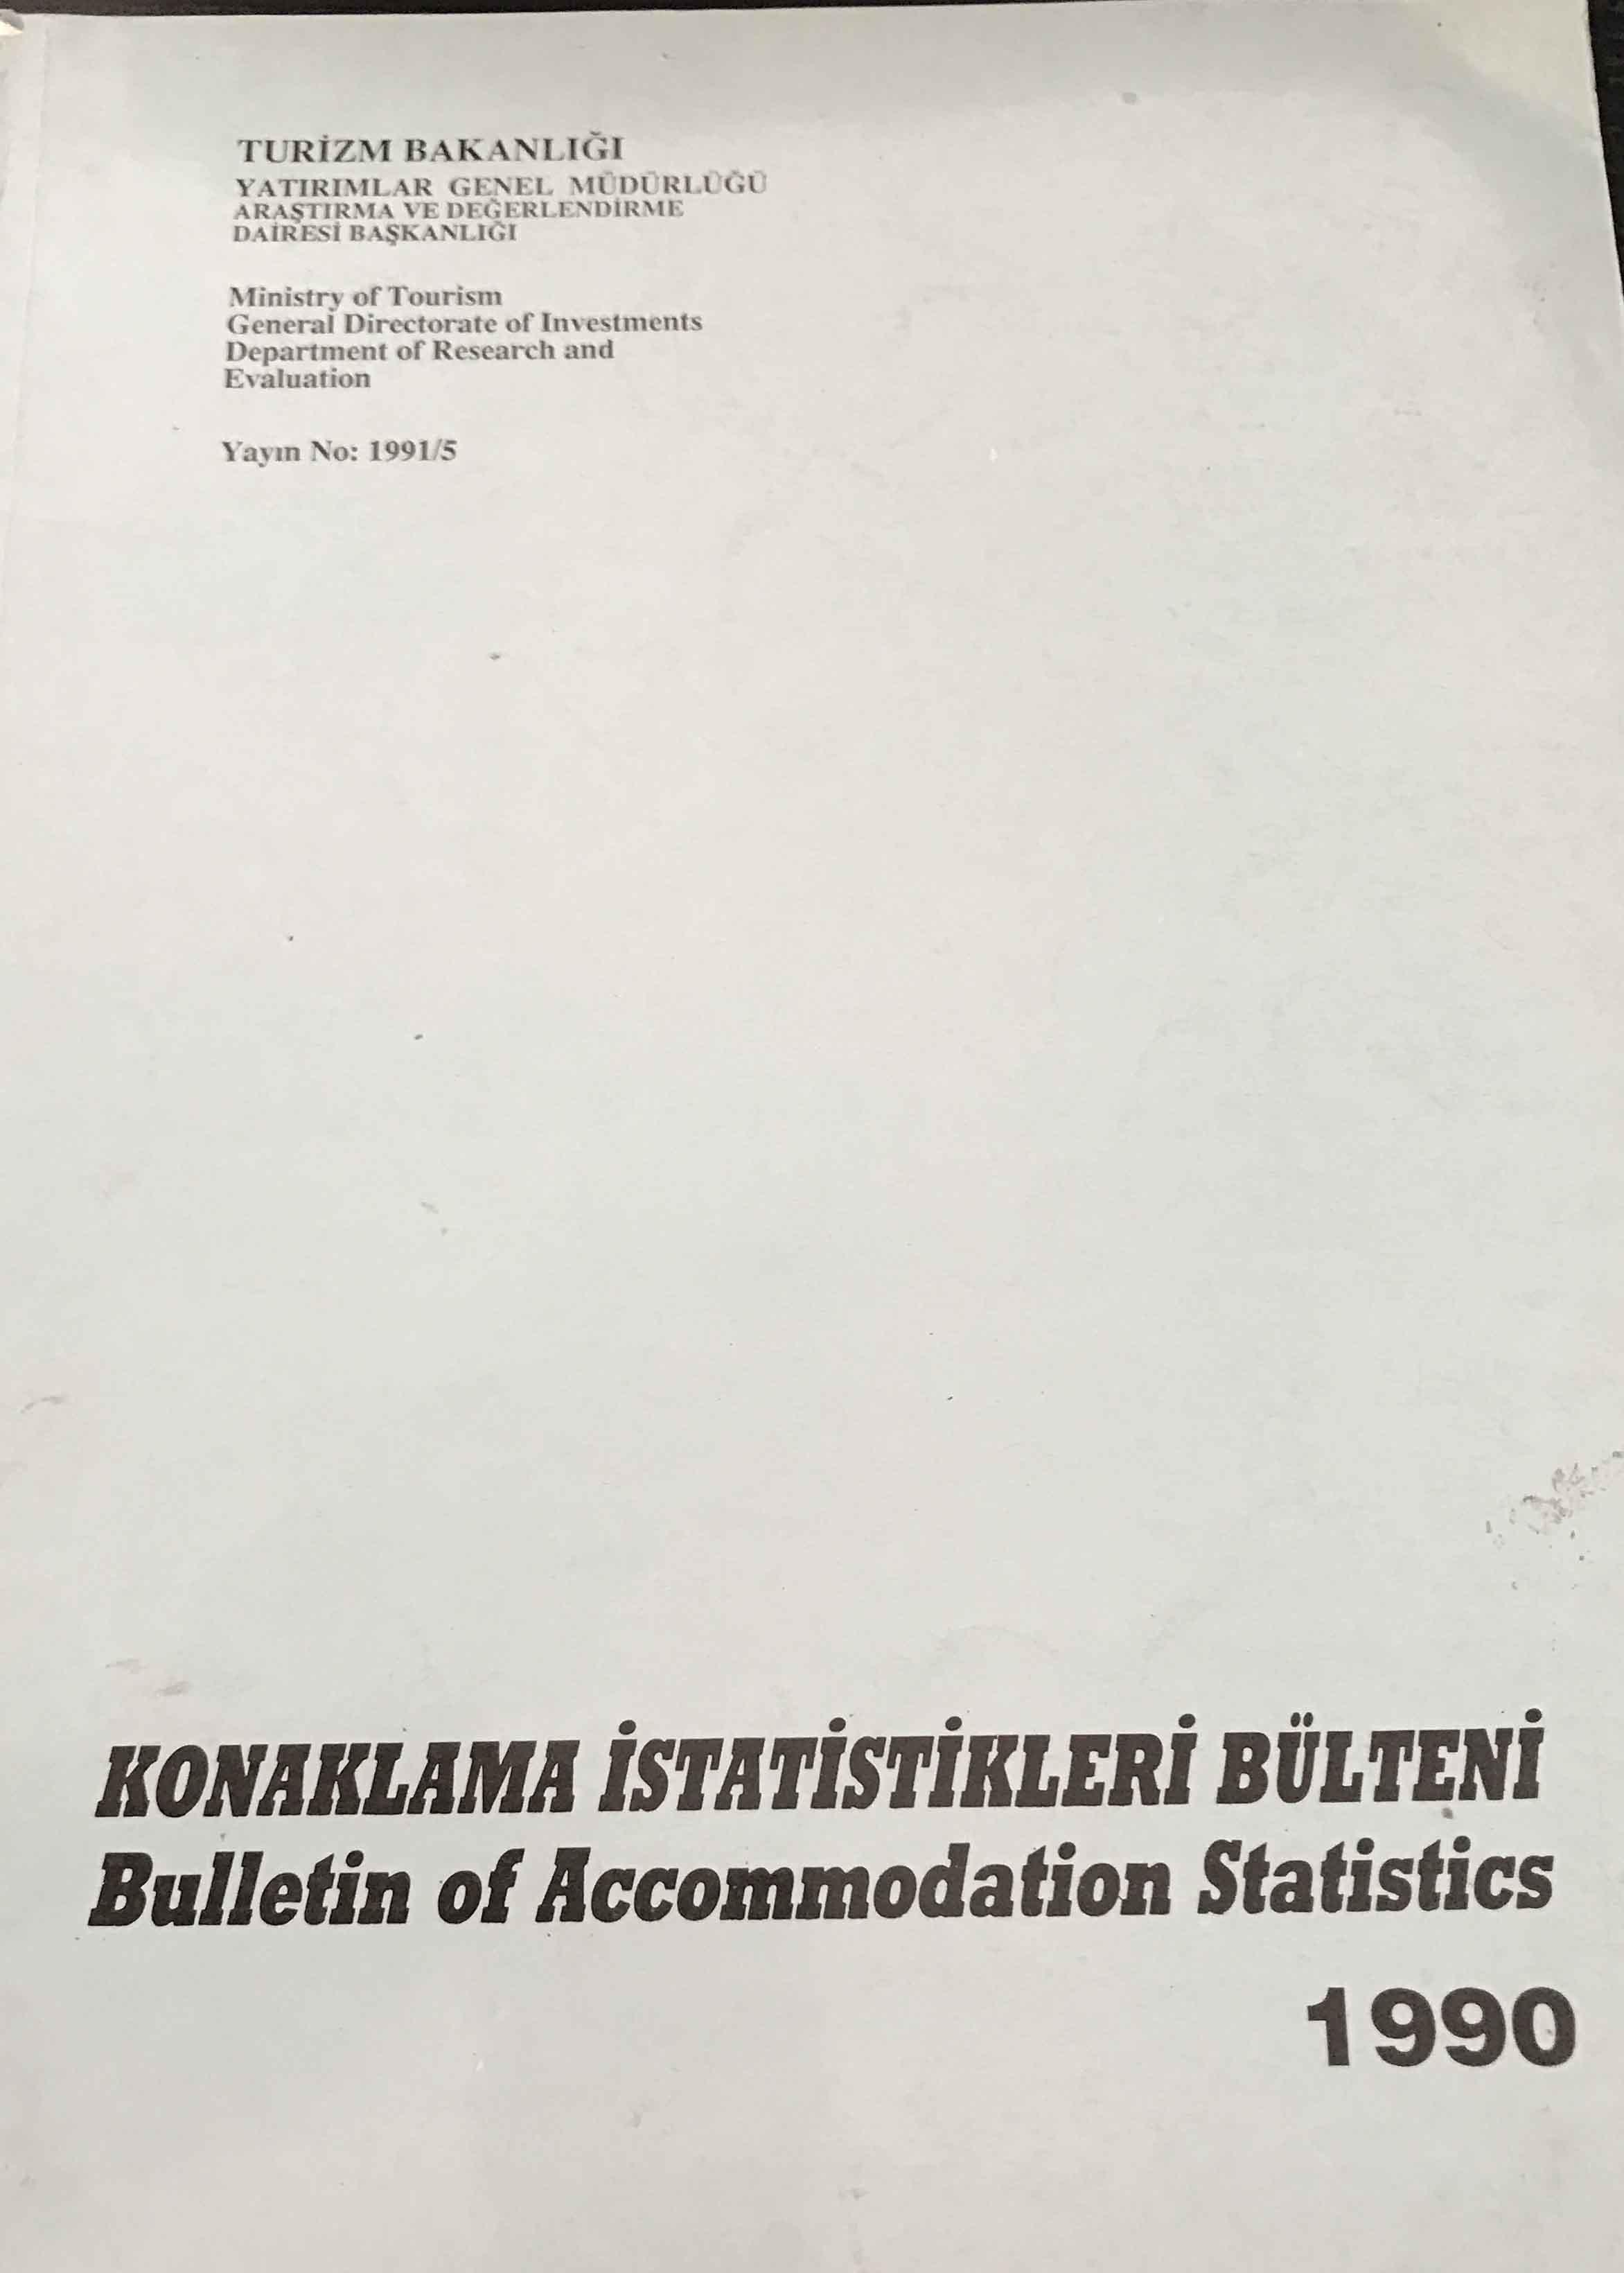 Konaklama İstatistikleri Bülteni 1990 Kitap Kapağı